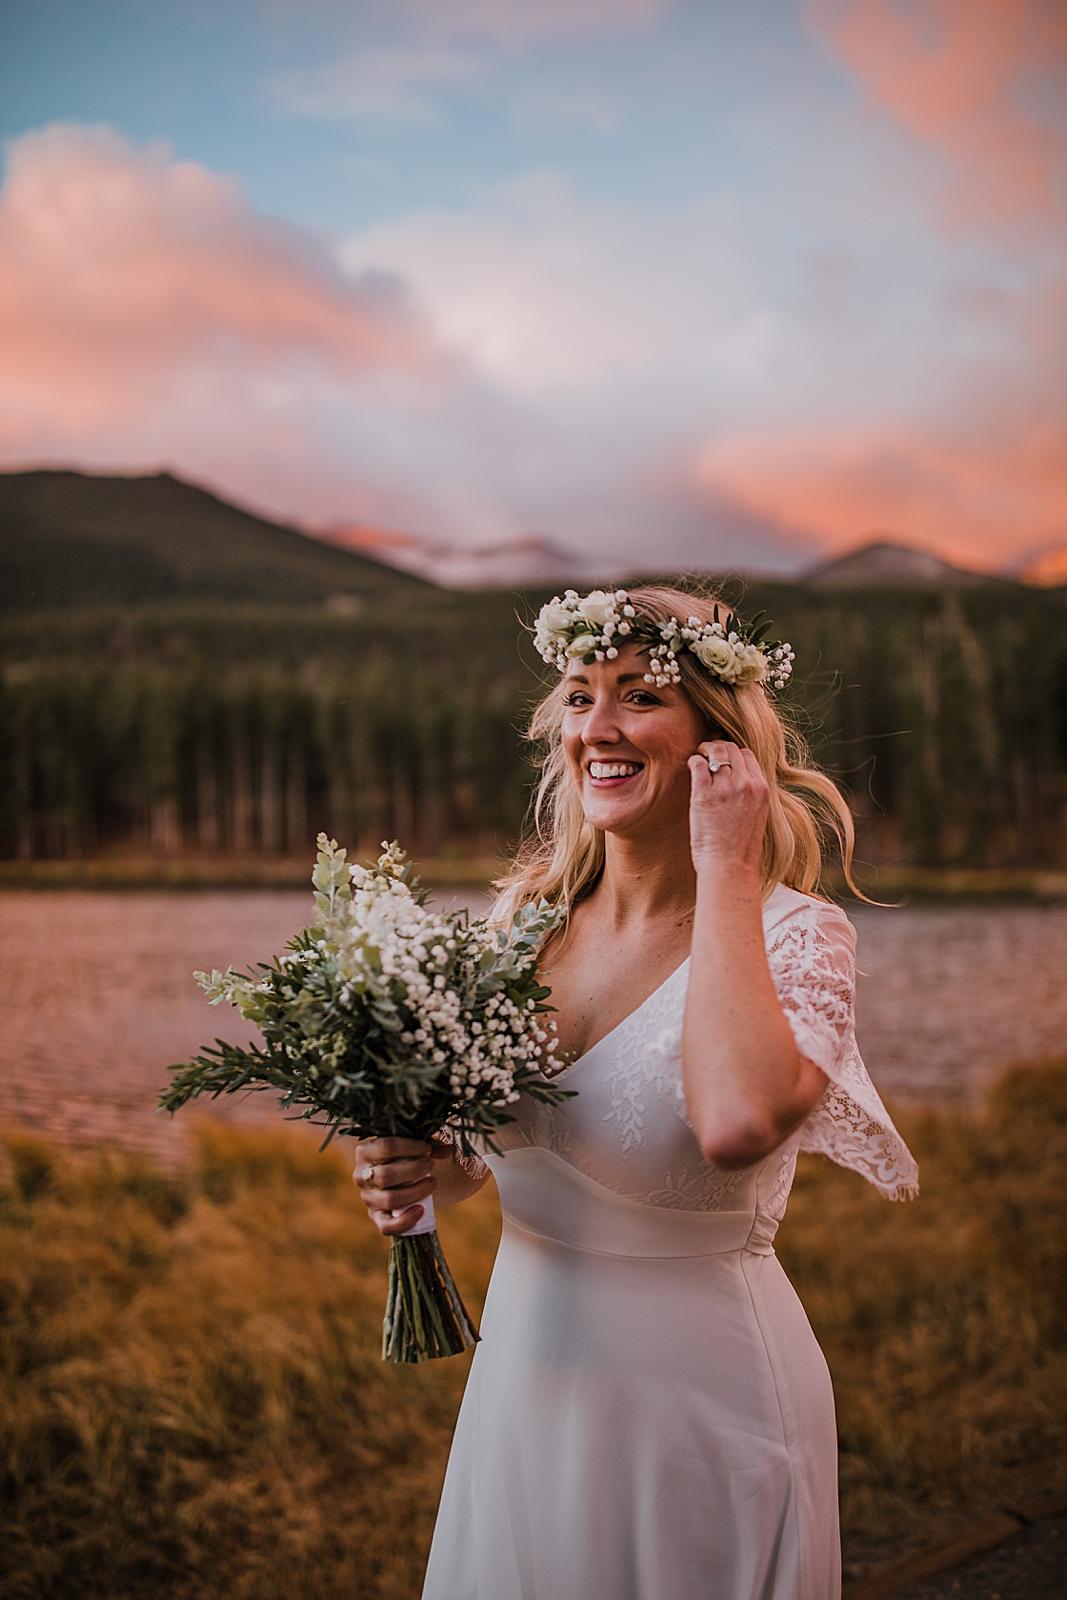 bride hiking, sunrise elopement, colorado elopement, sprague lake elopement, sprague lake wedding, rocky mountain national park elopement, adventurous colorado hiking elopement